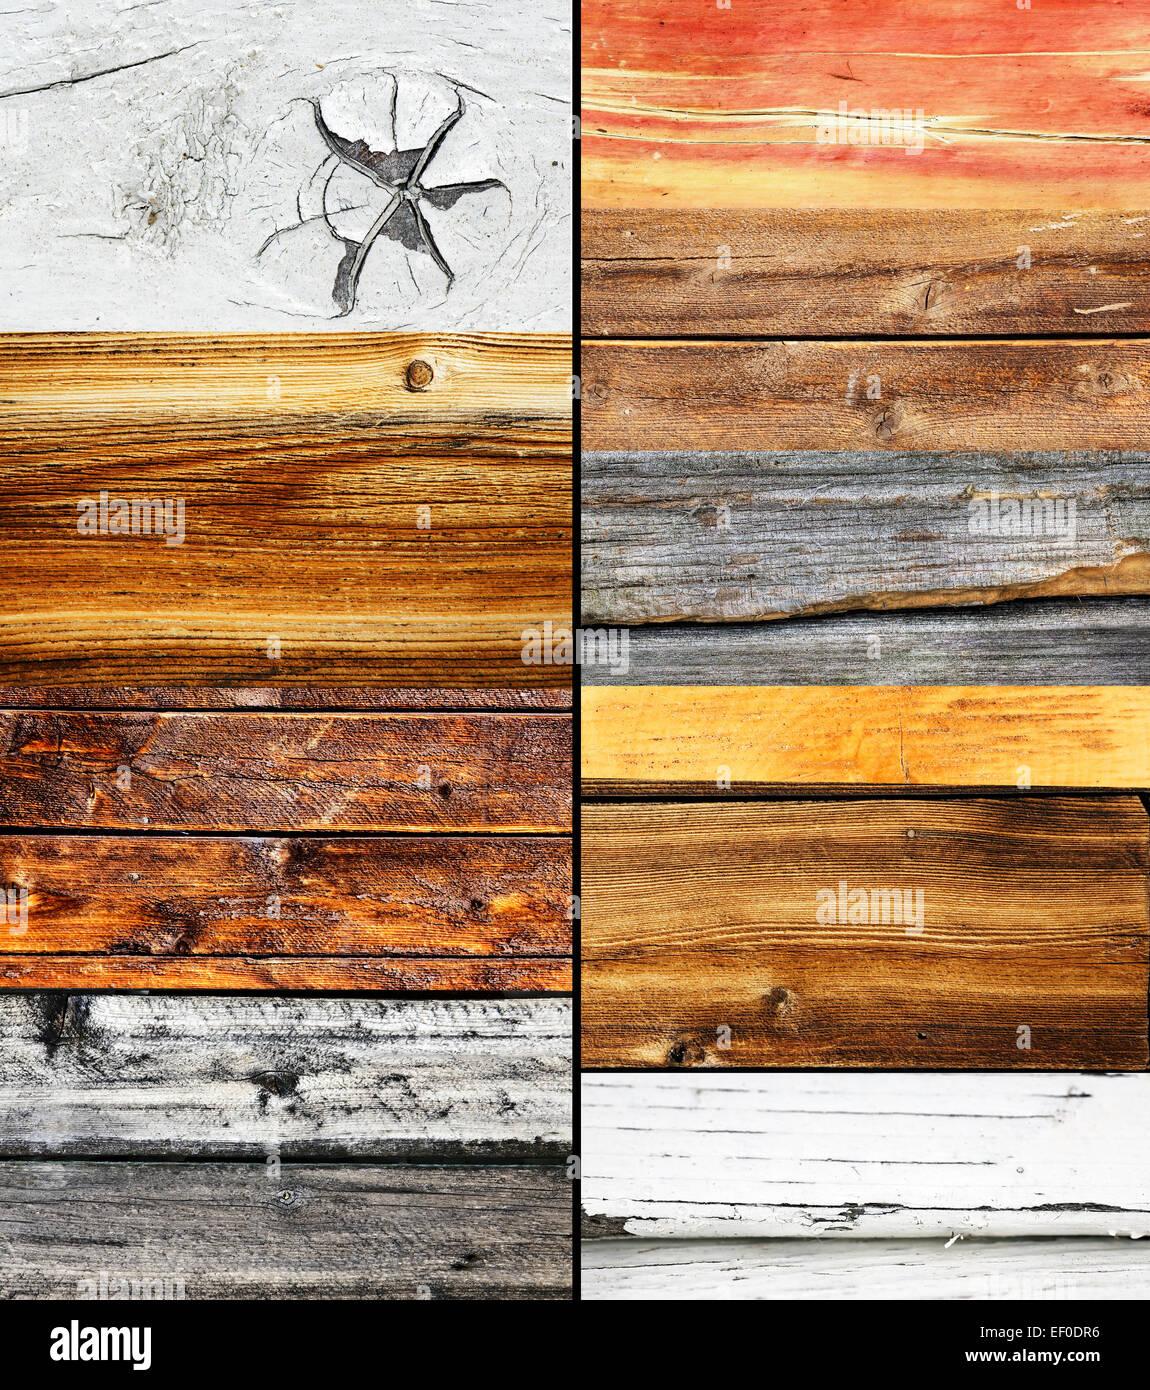 holz-collage, verschiedene farben und textur, natur hintergrund